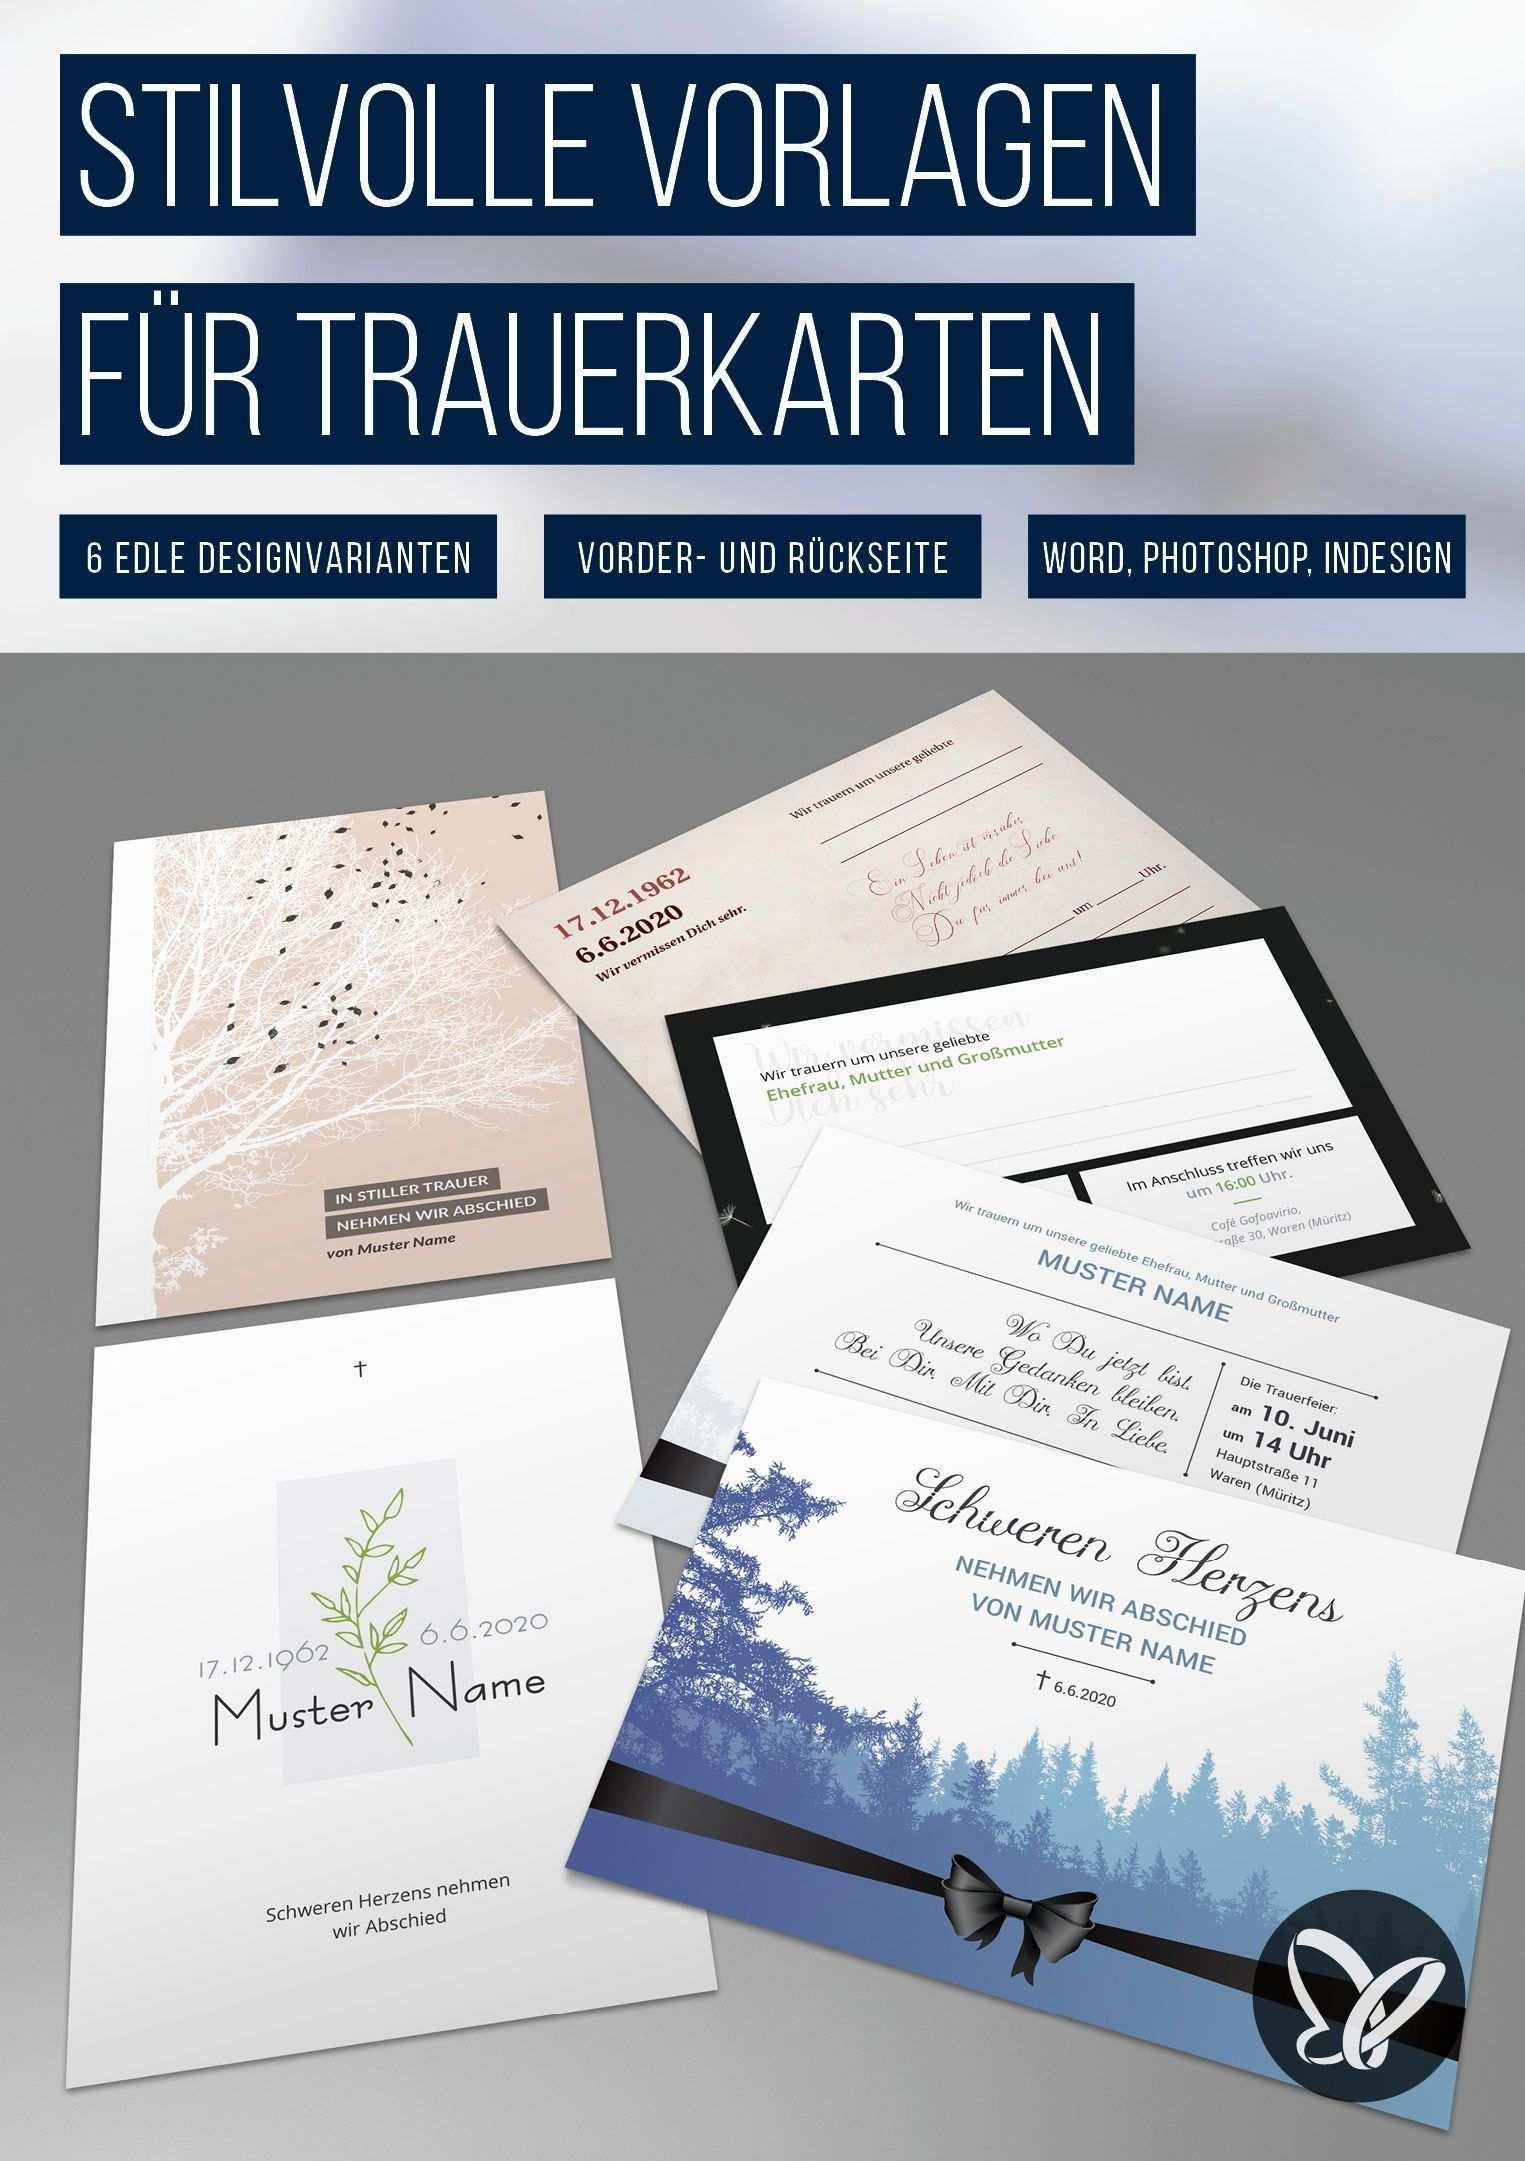 Trauerkarten Vorlagen Fur Einladungen Zu Beerdigung Und Trauerfeier Vorlagen Powerpoint Vorlagen Einladungskarten Gestalten